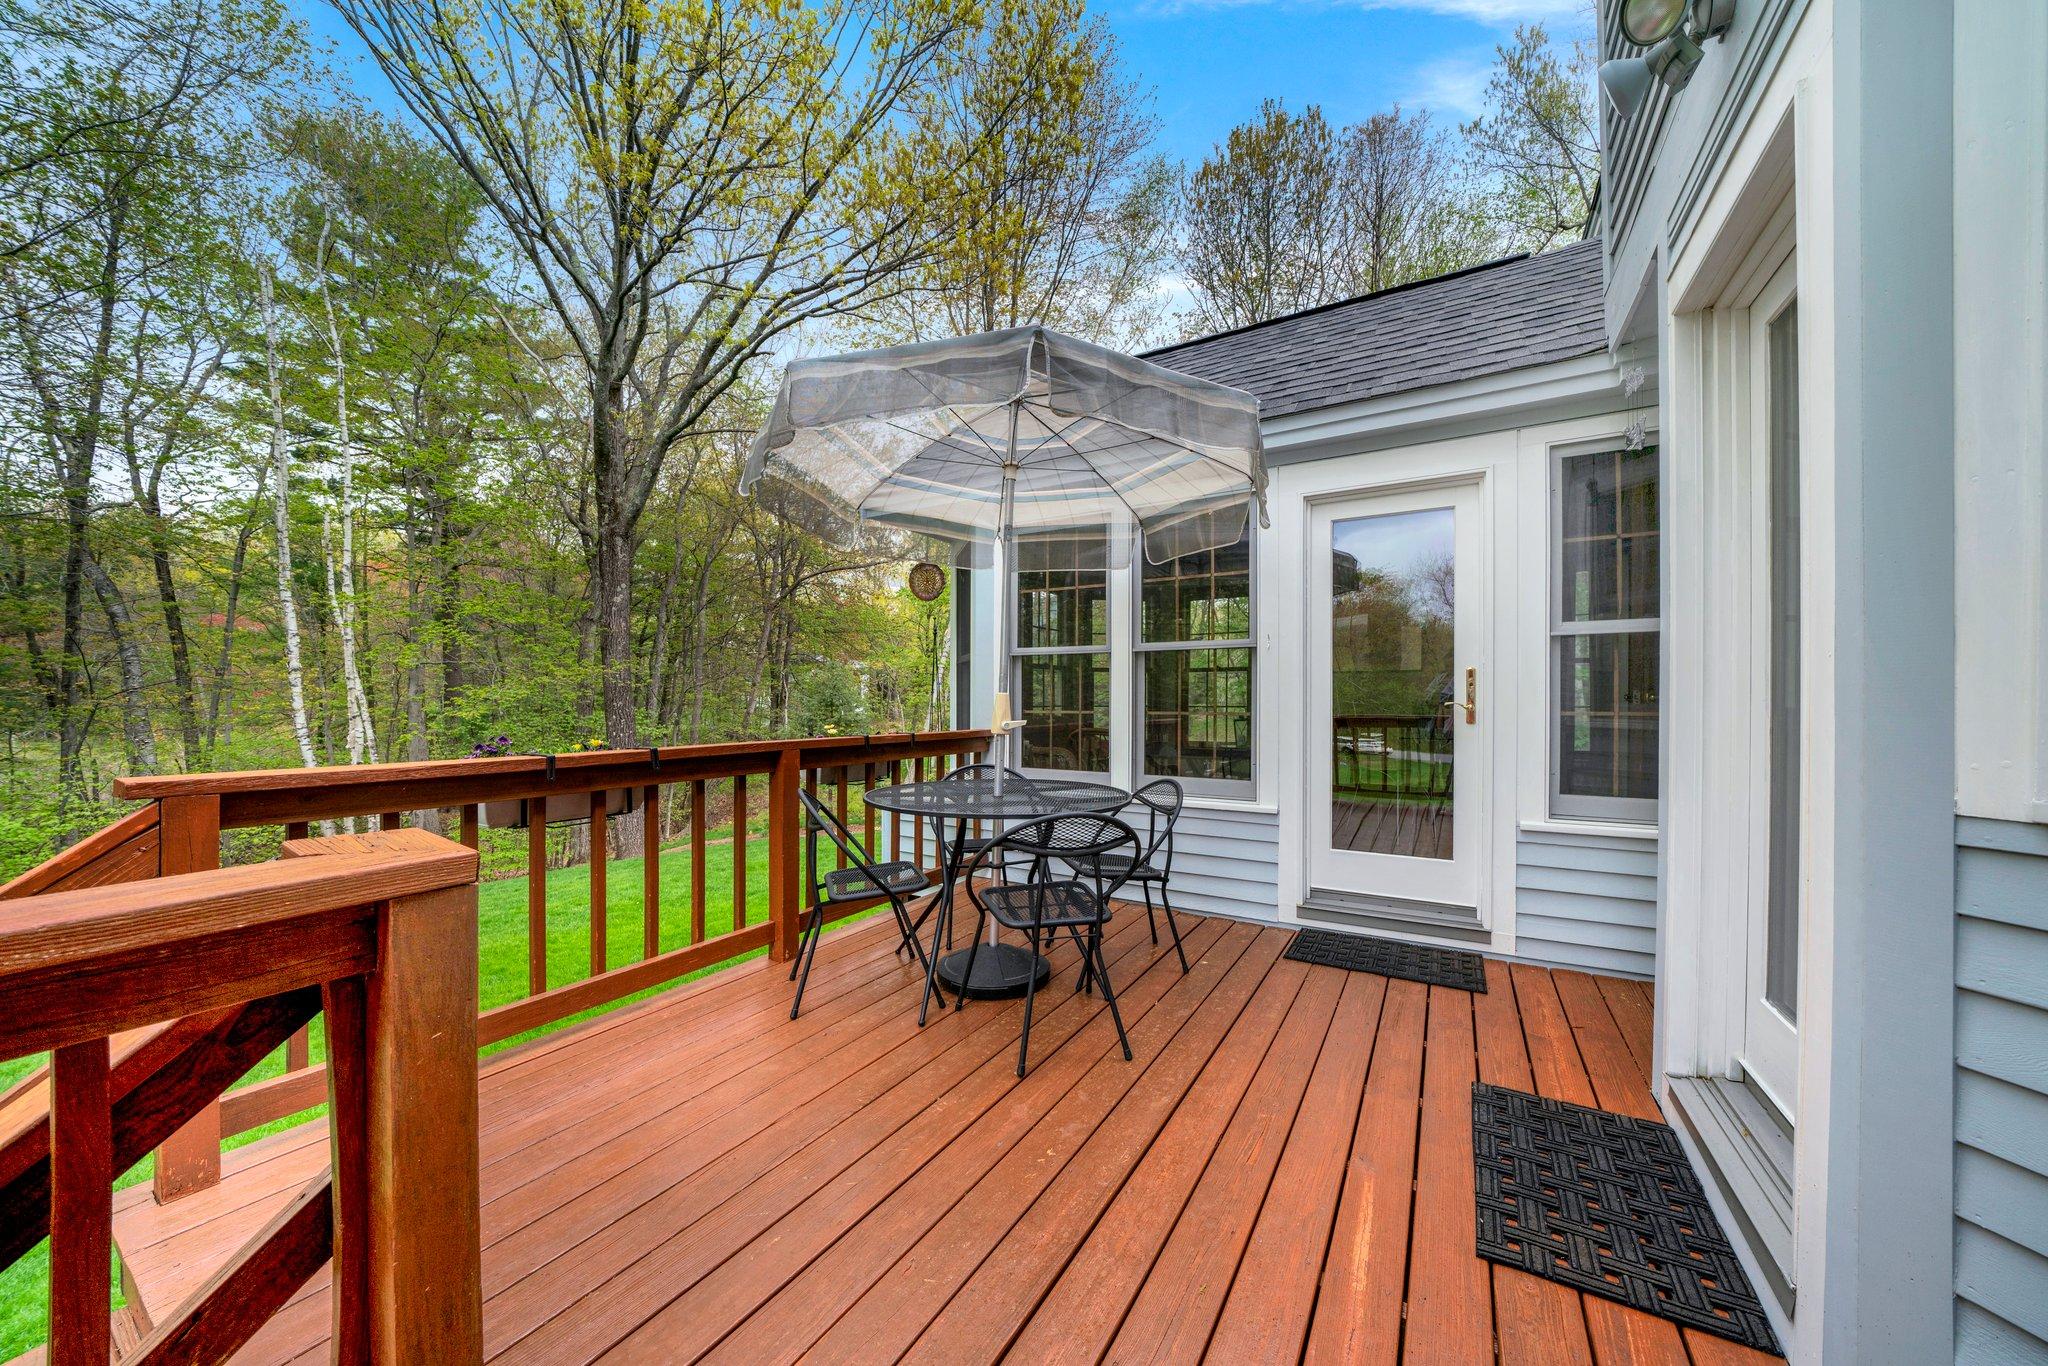 Deck/Porch entrance